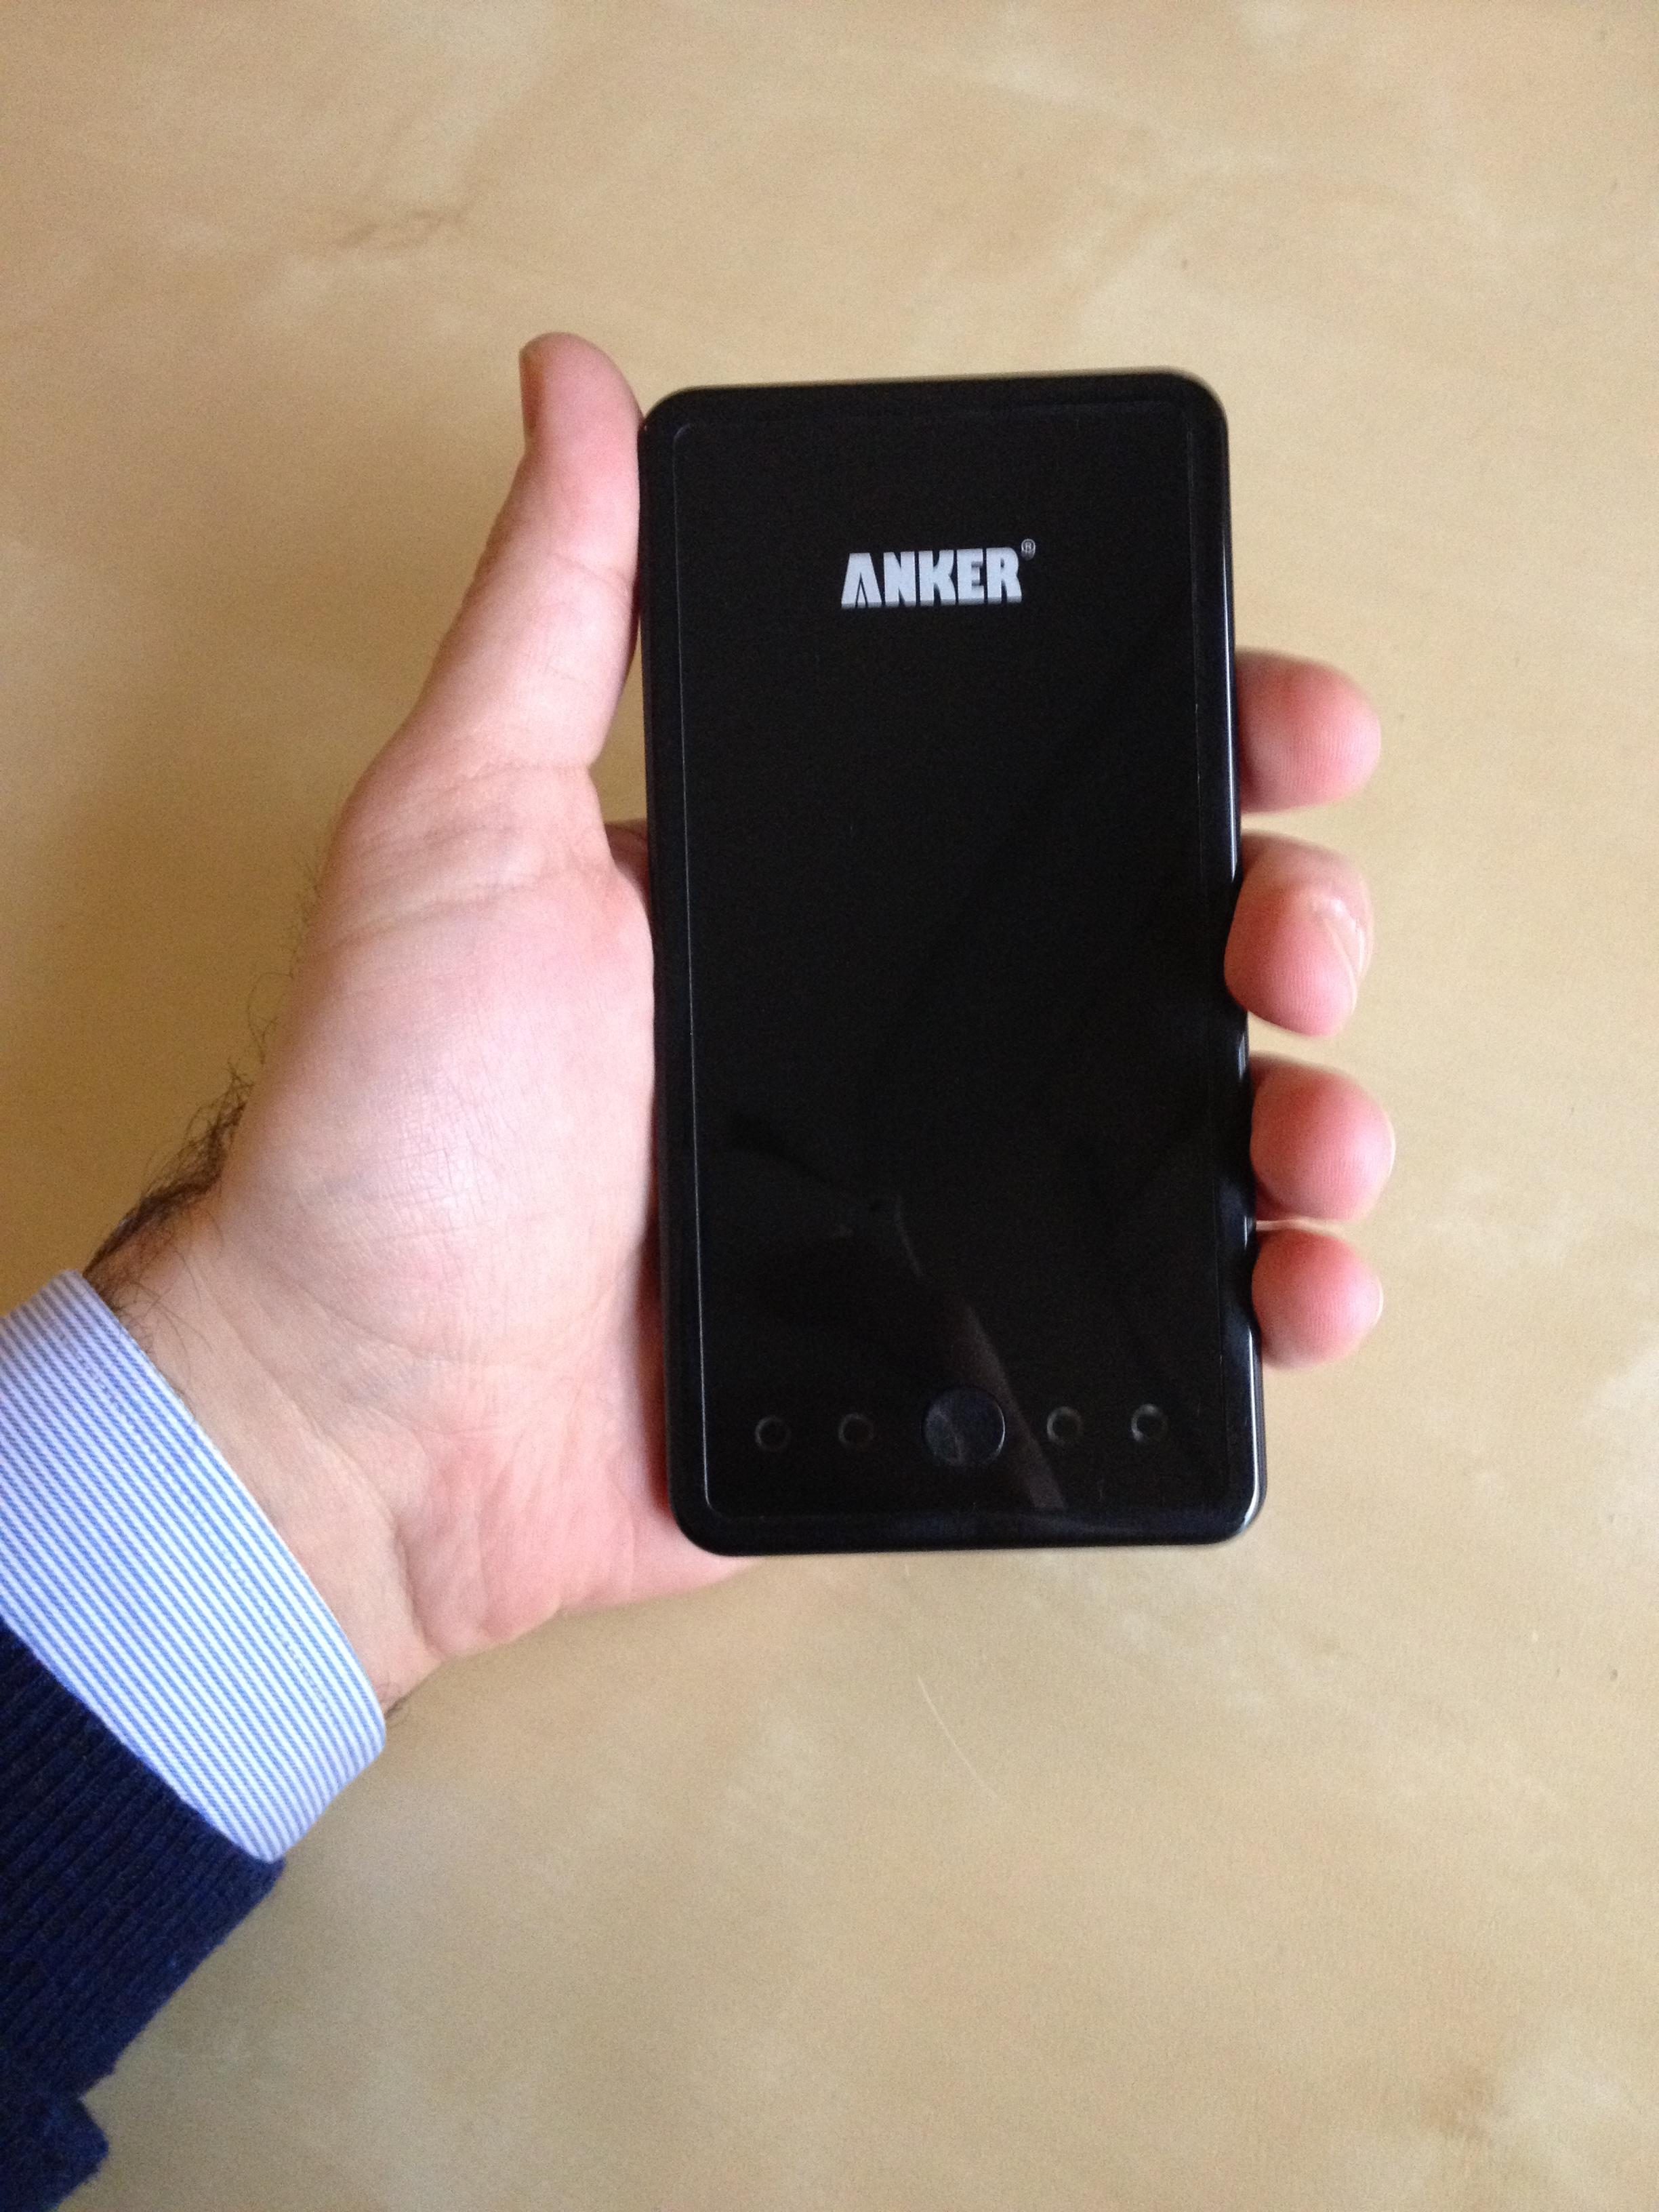 Anker Astro3E: Potente batteria supplementare per iPhone 5, iPad e qualsiasi altro smartphone/tablet – La Recensione di iSpazio